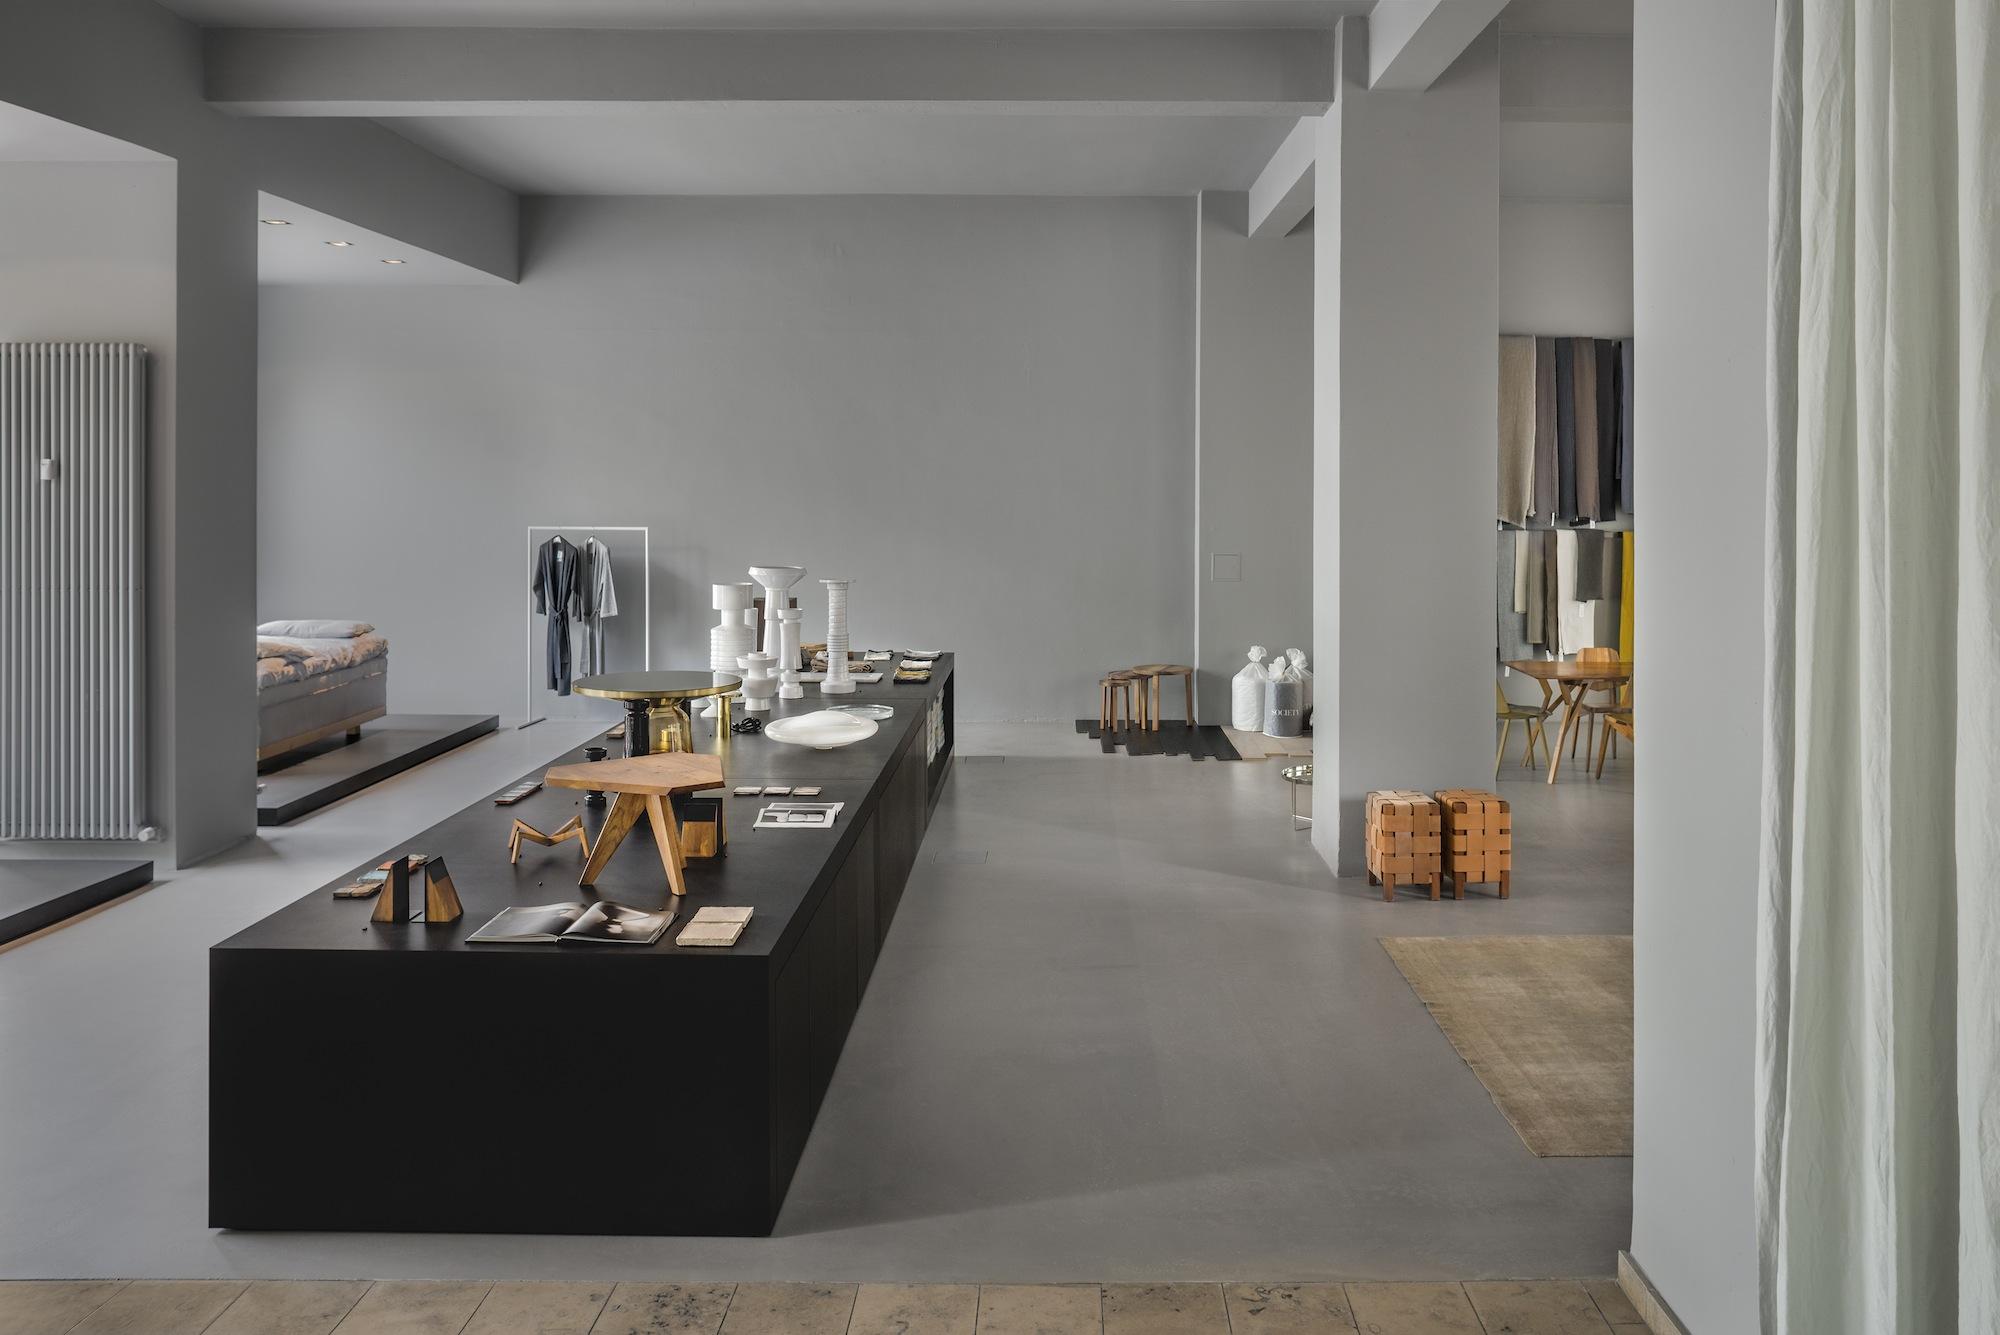 shopping tipp fur euch am ma andreas murkudis mobel und architektur die kleine schwester des seit jahren erfolgreichen berliner concept stores